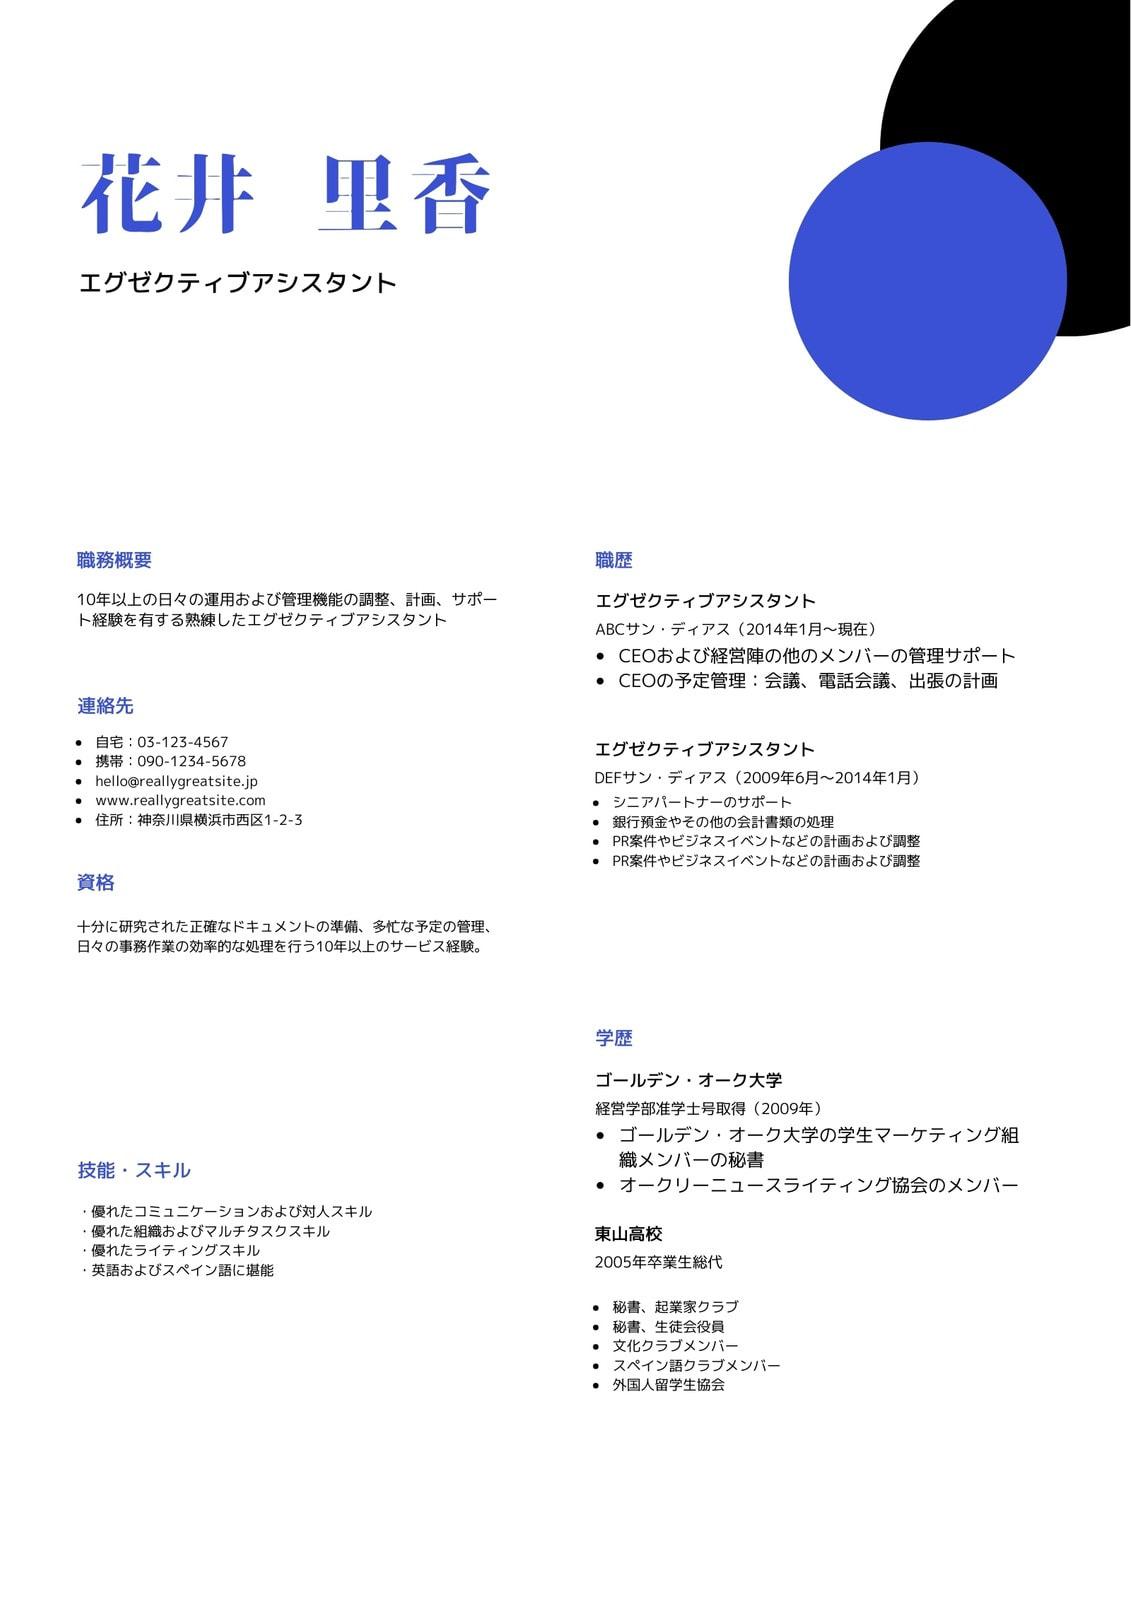 クリーム色とピンク Webデベロッパー 技術者用履歴書